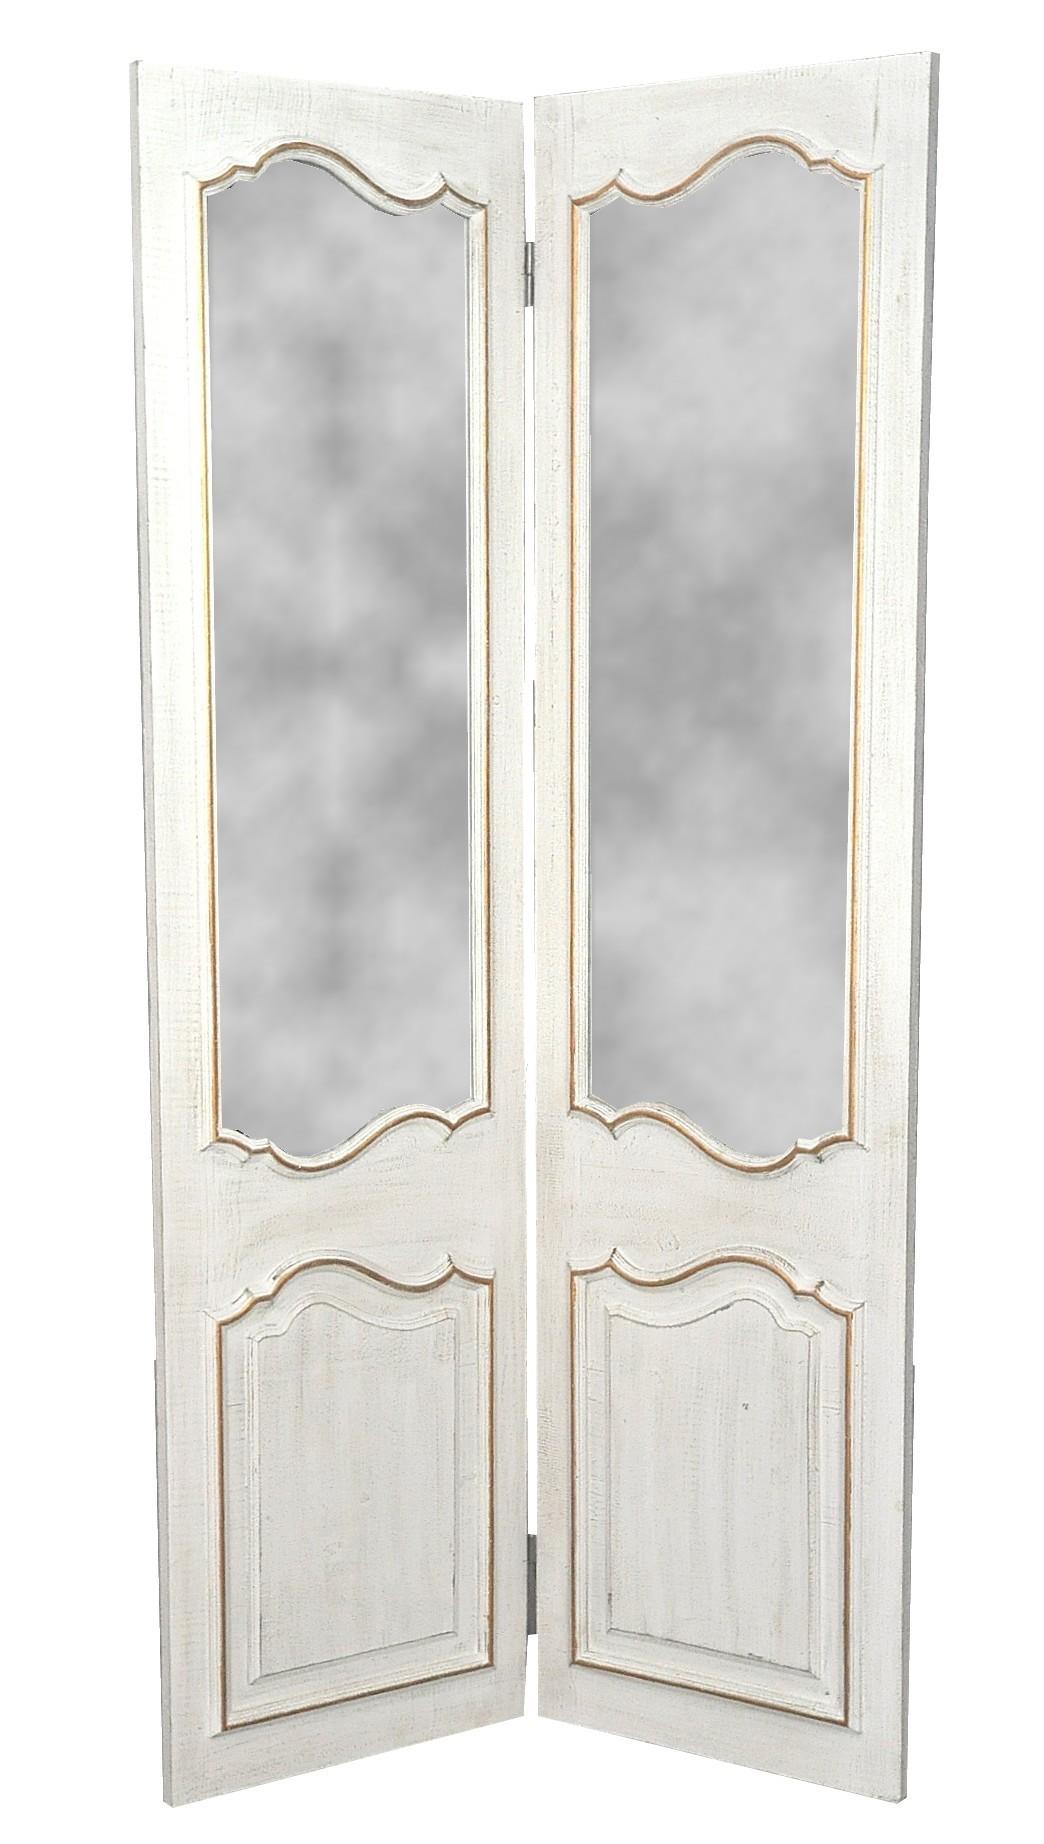 paravent miroir 2 feuilles demeure et jardin. Black Bedroom Furniture Sets. Home Design Ideas